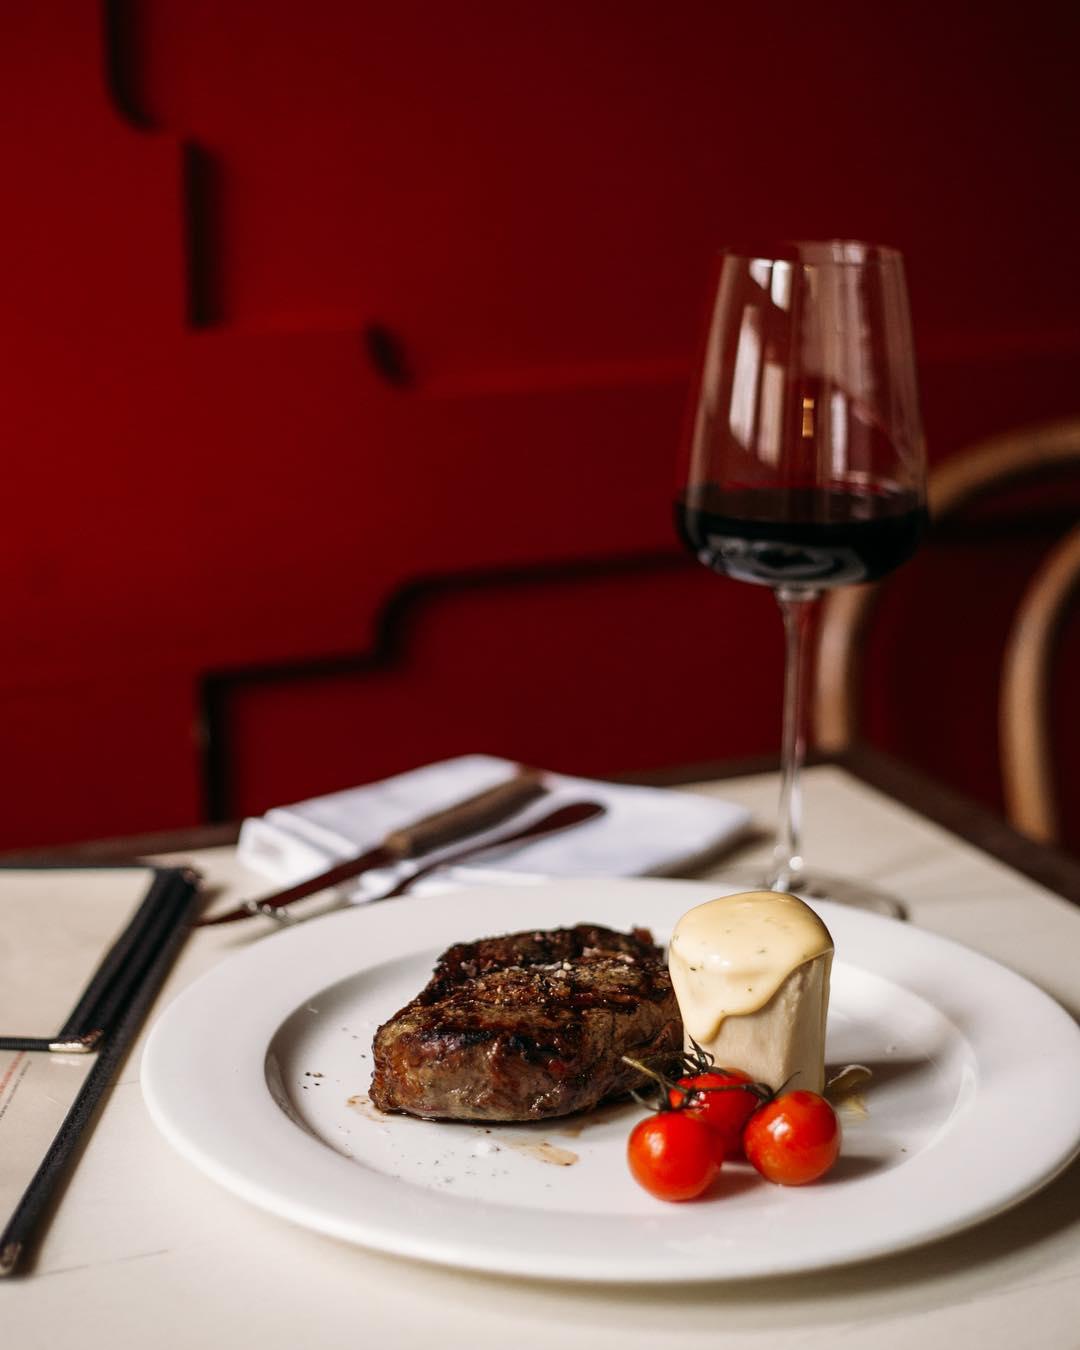 Cочный стейк с соусом Беарнез и бокал красного сухого вина в ресторане Saxon + Parole